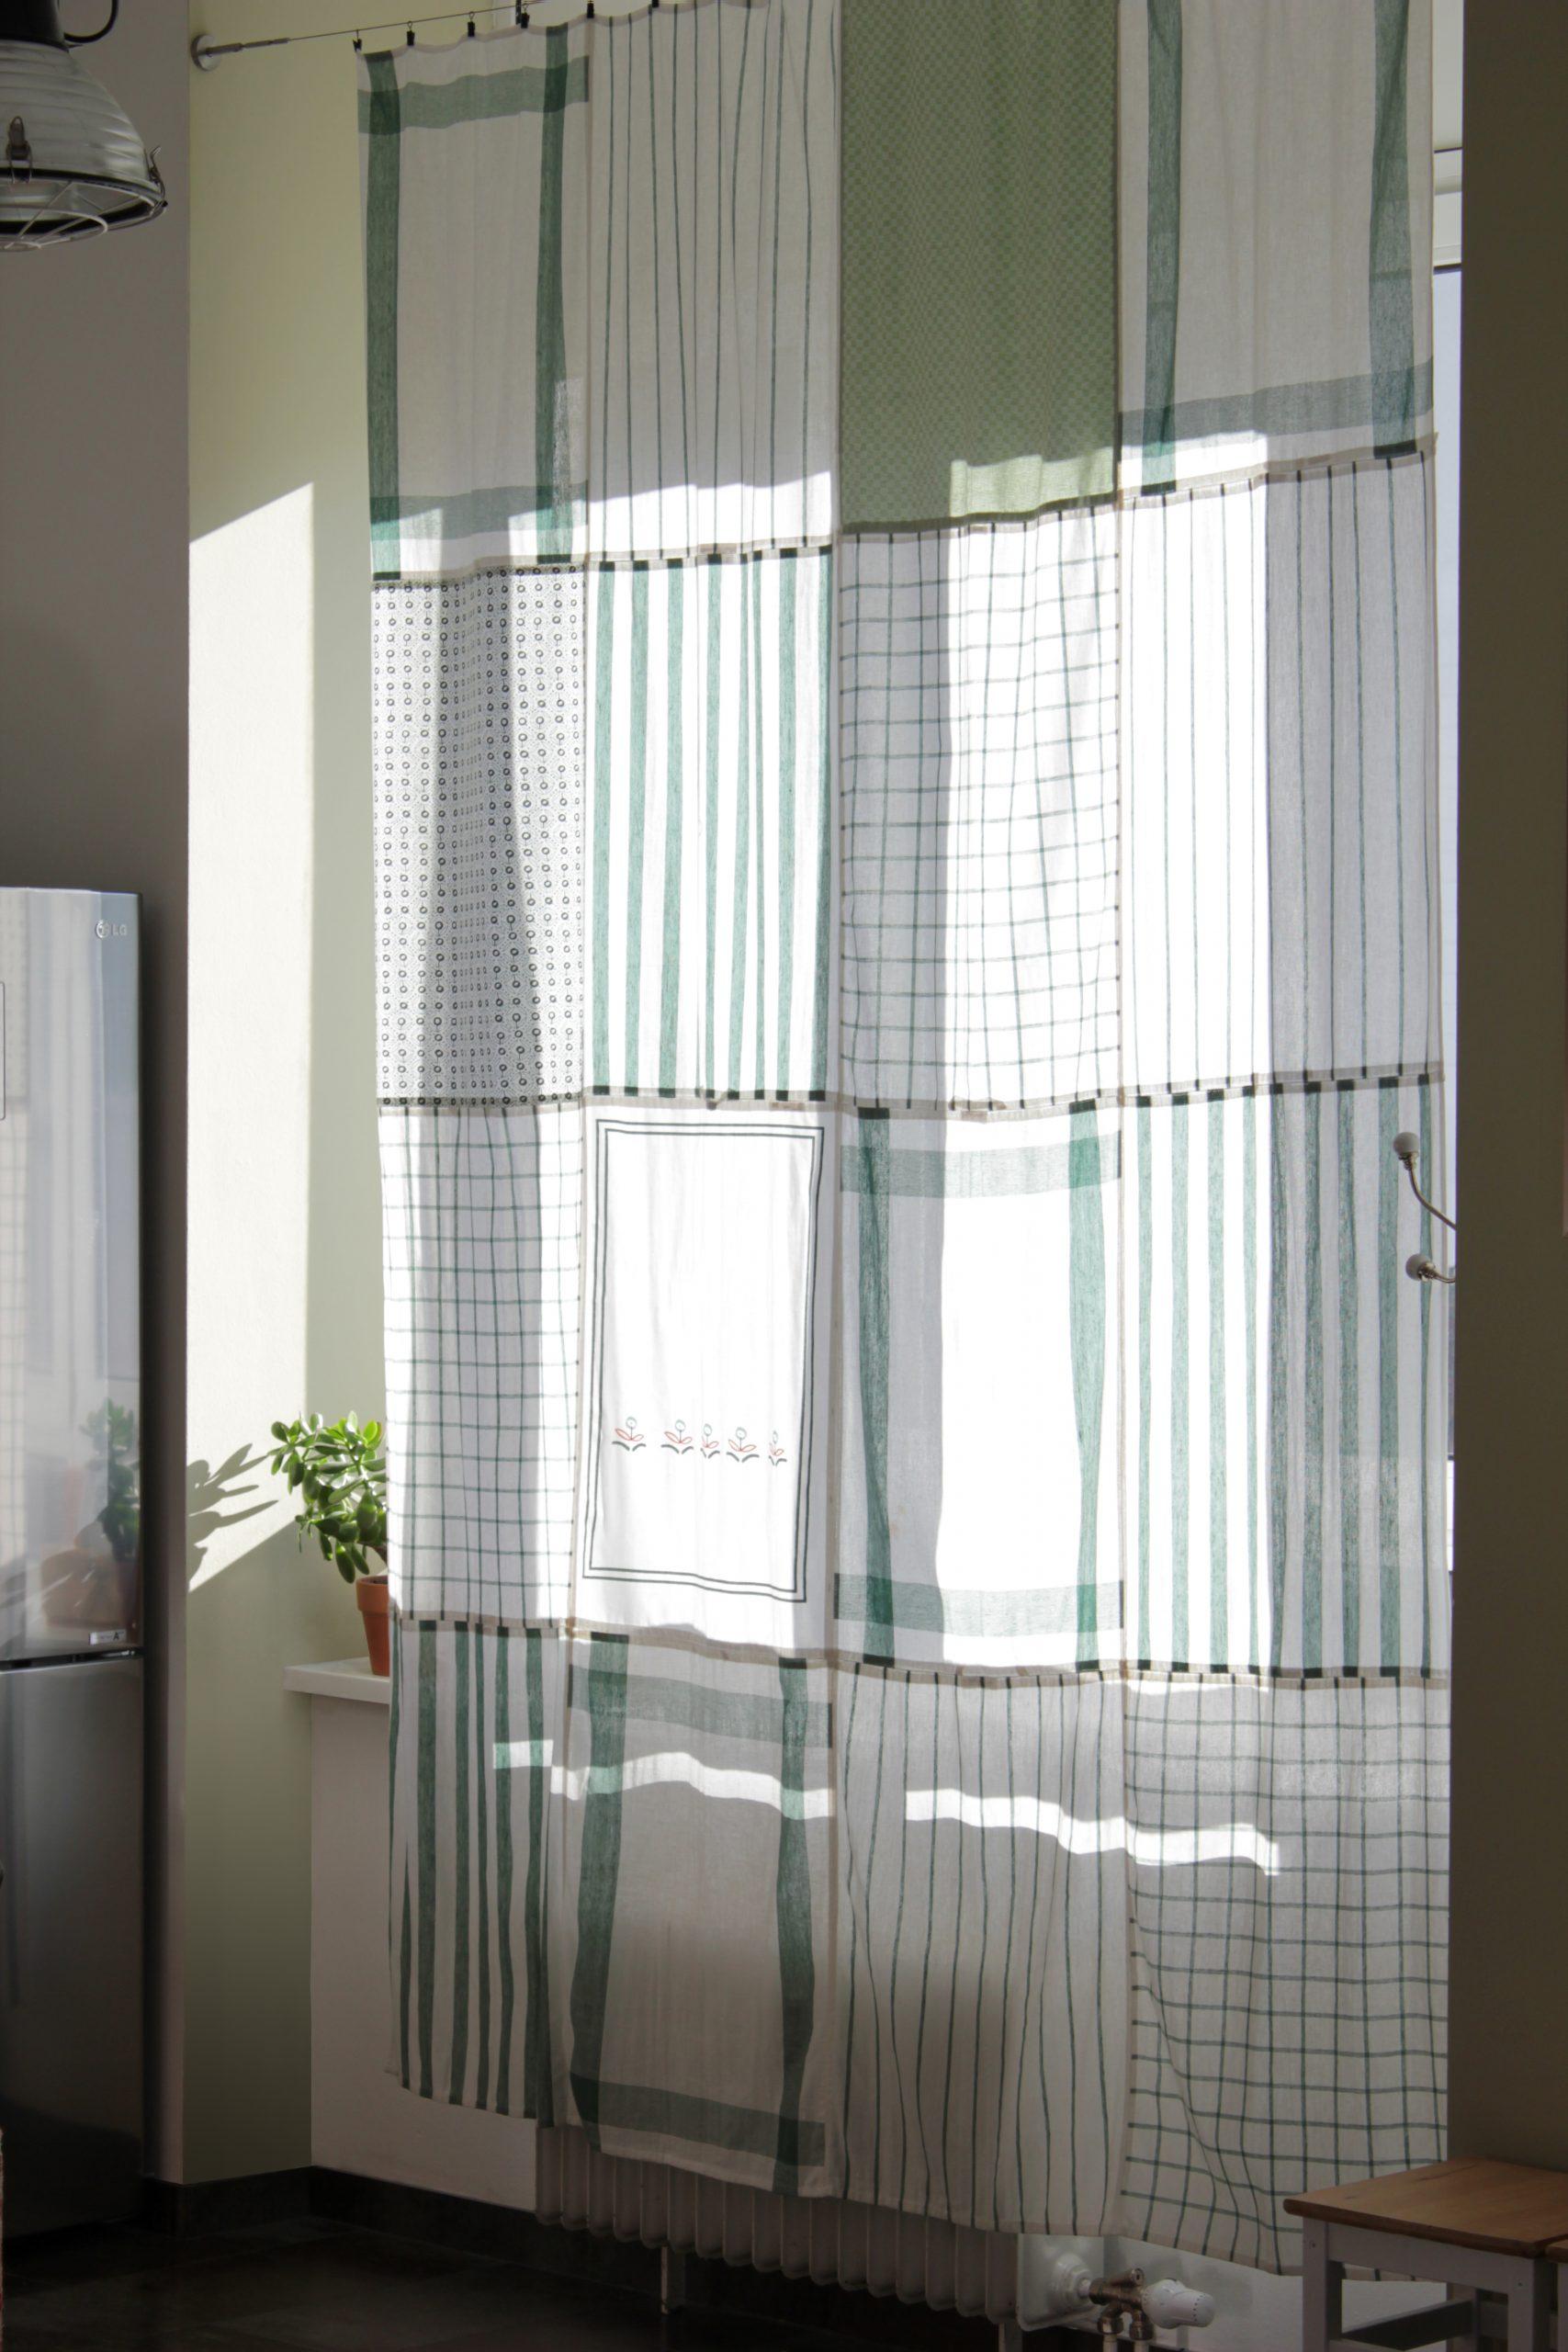 Full Size of Küchenvorhänge Do Diy Kchenvorhang Aus Geschirrtchern Wohnzimmer Küchenvorhänge